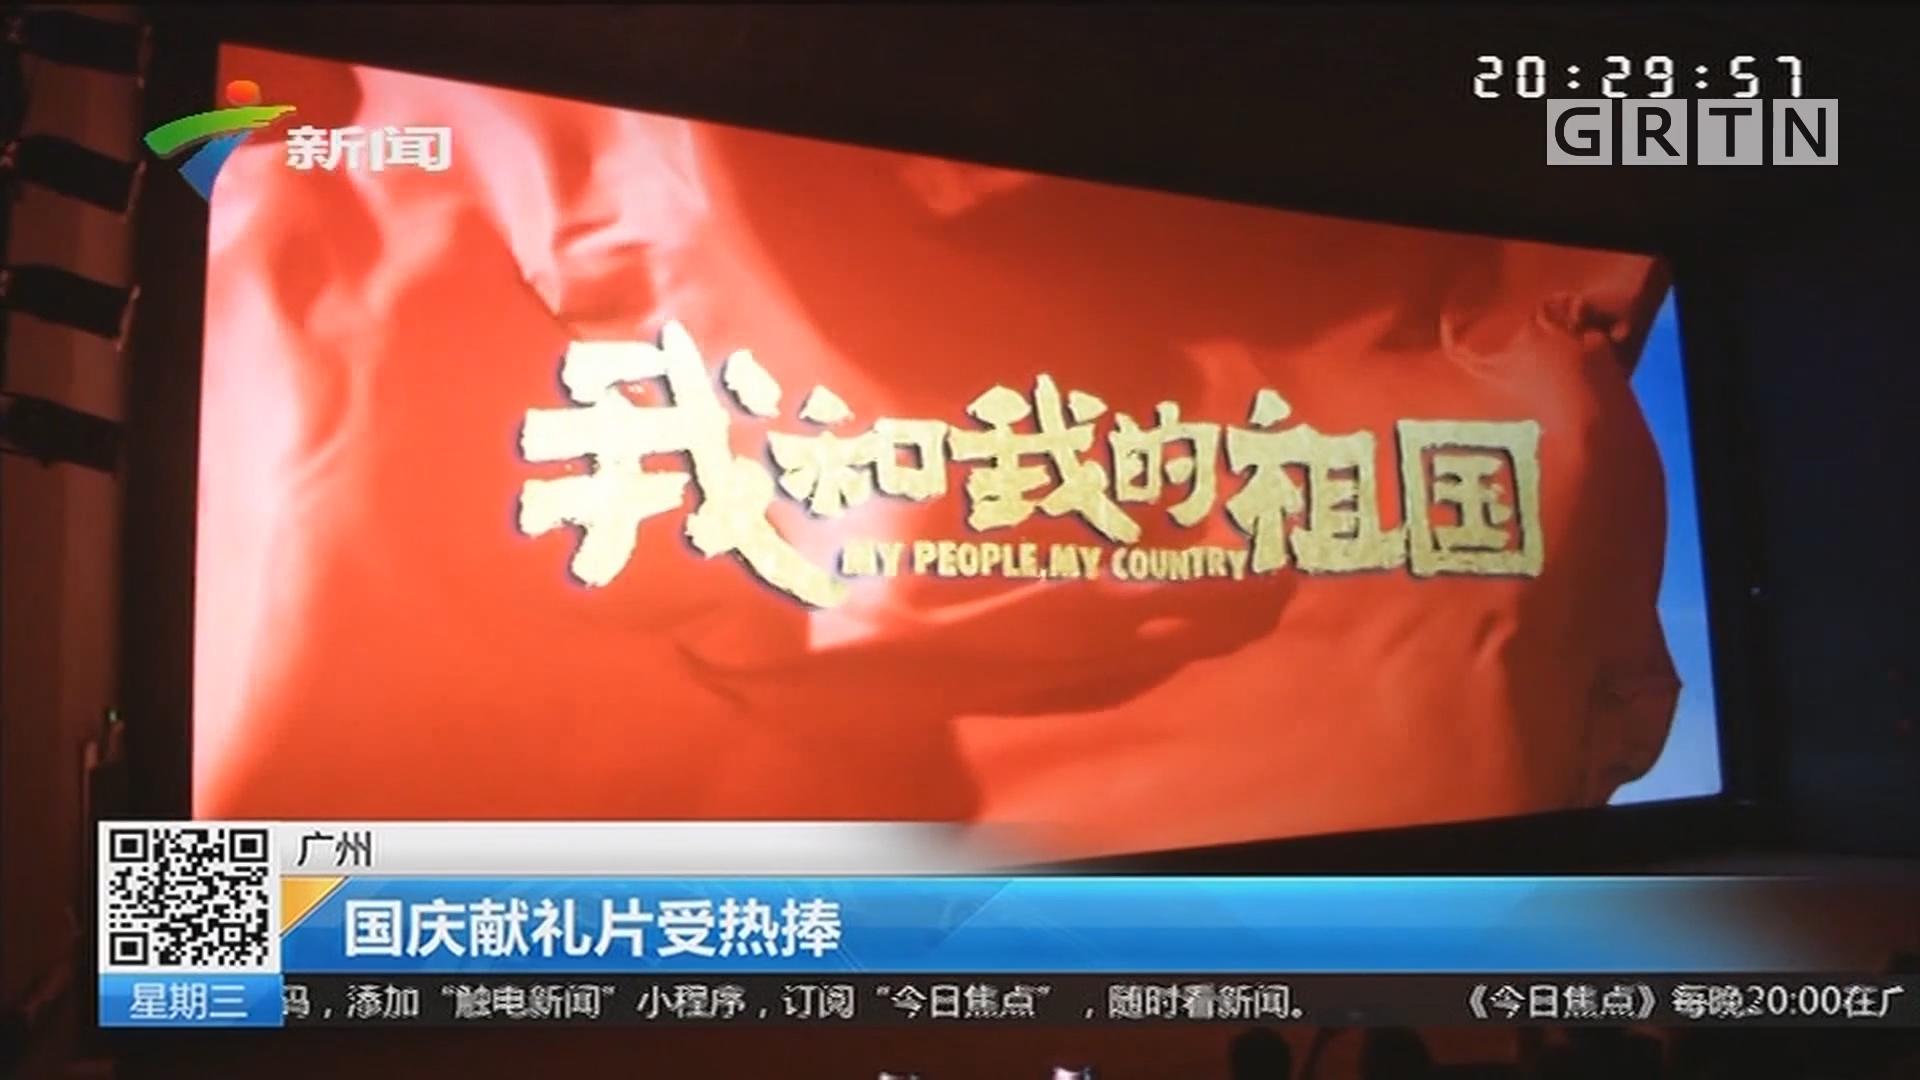 广州:国庆献礼片受热捧